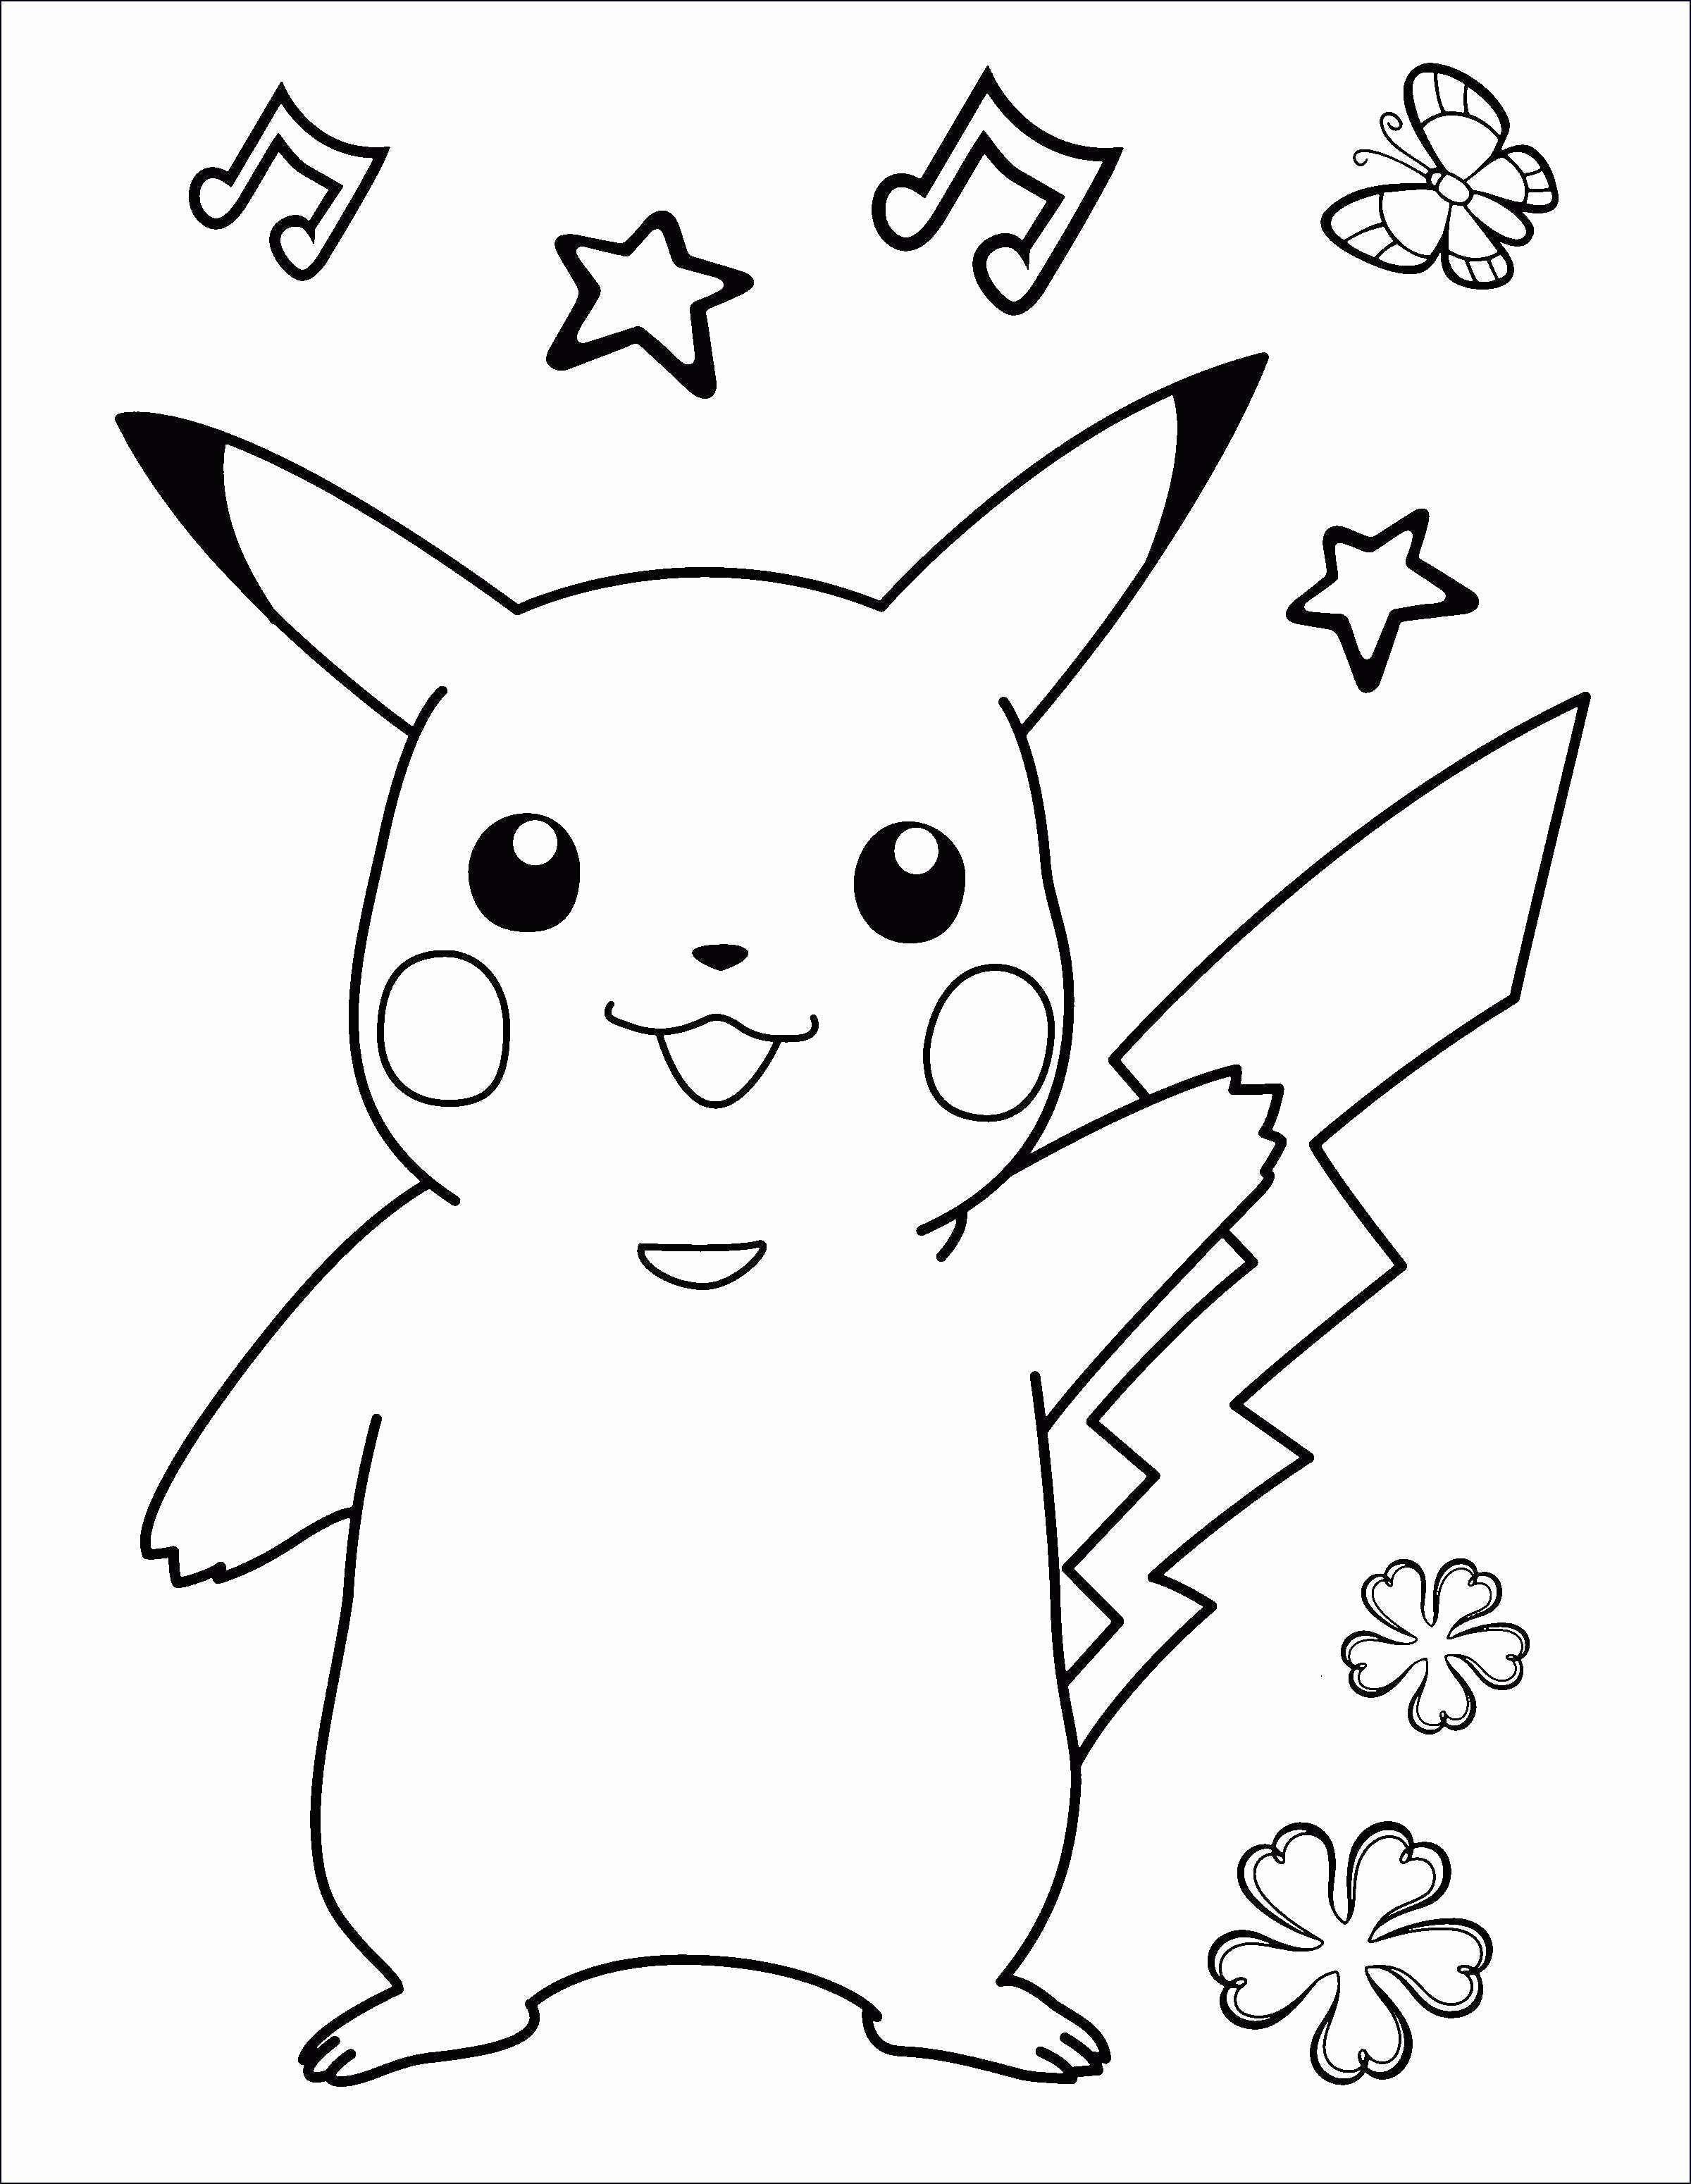 Pokemon Malvorlagen Zum Drucken Inspirierend Bilder Ausdrucken Beispiel Malvorlagen Hunde Kostenlos Fotografieren